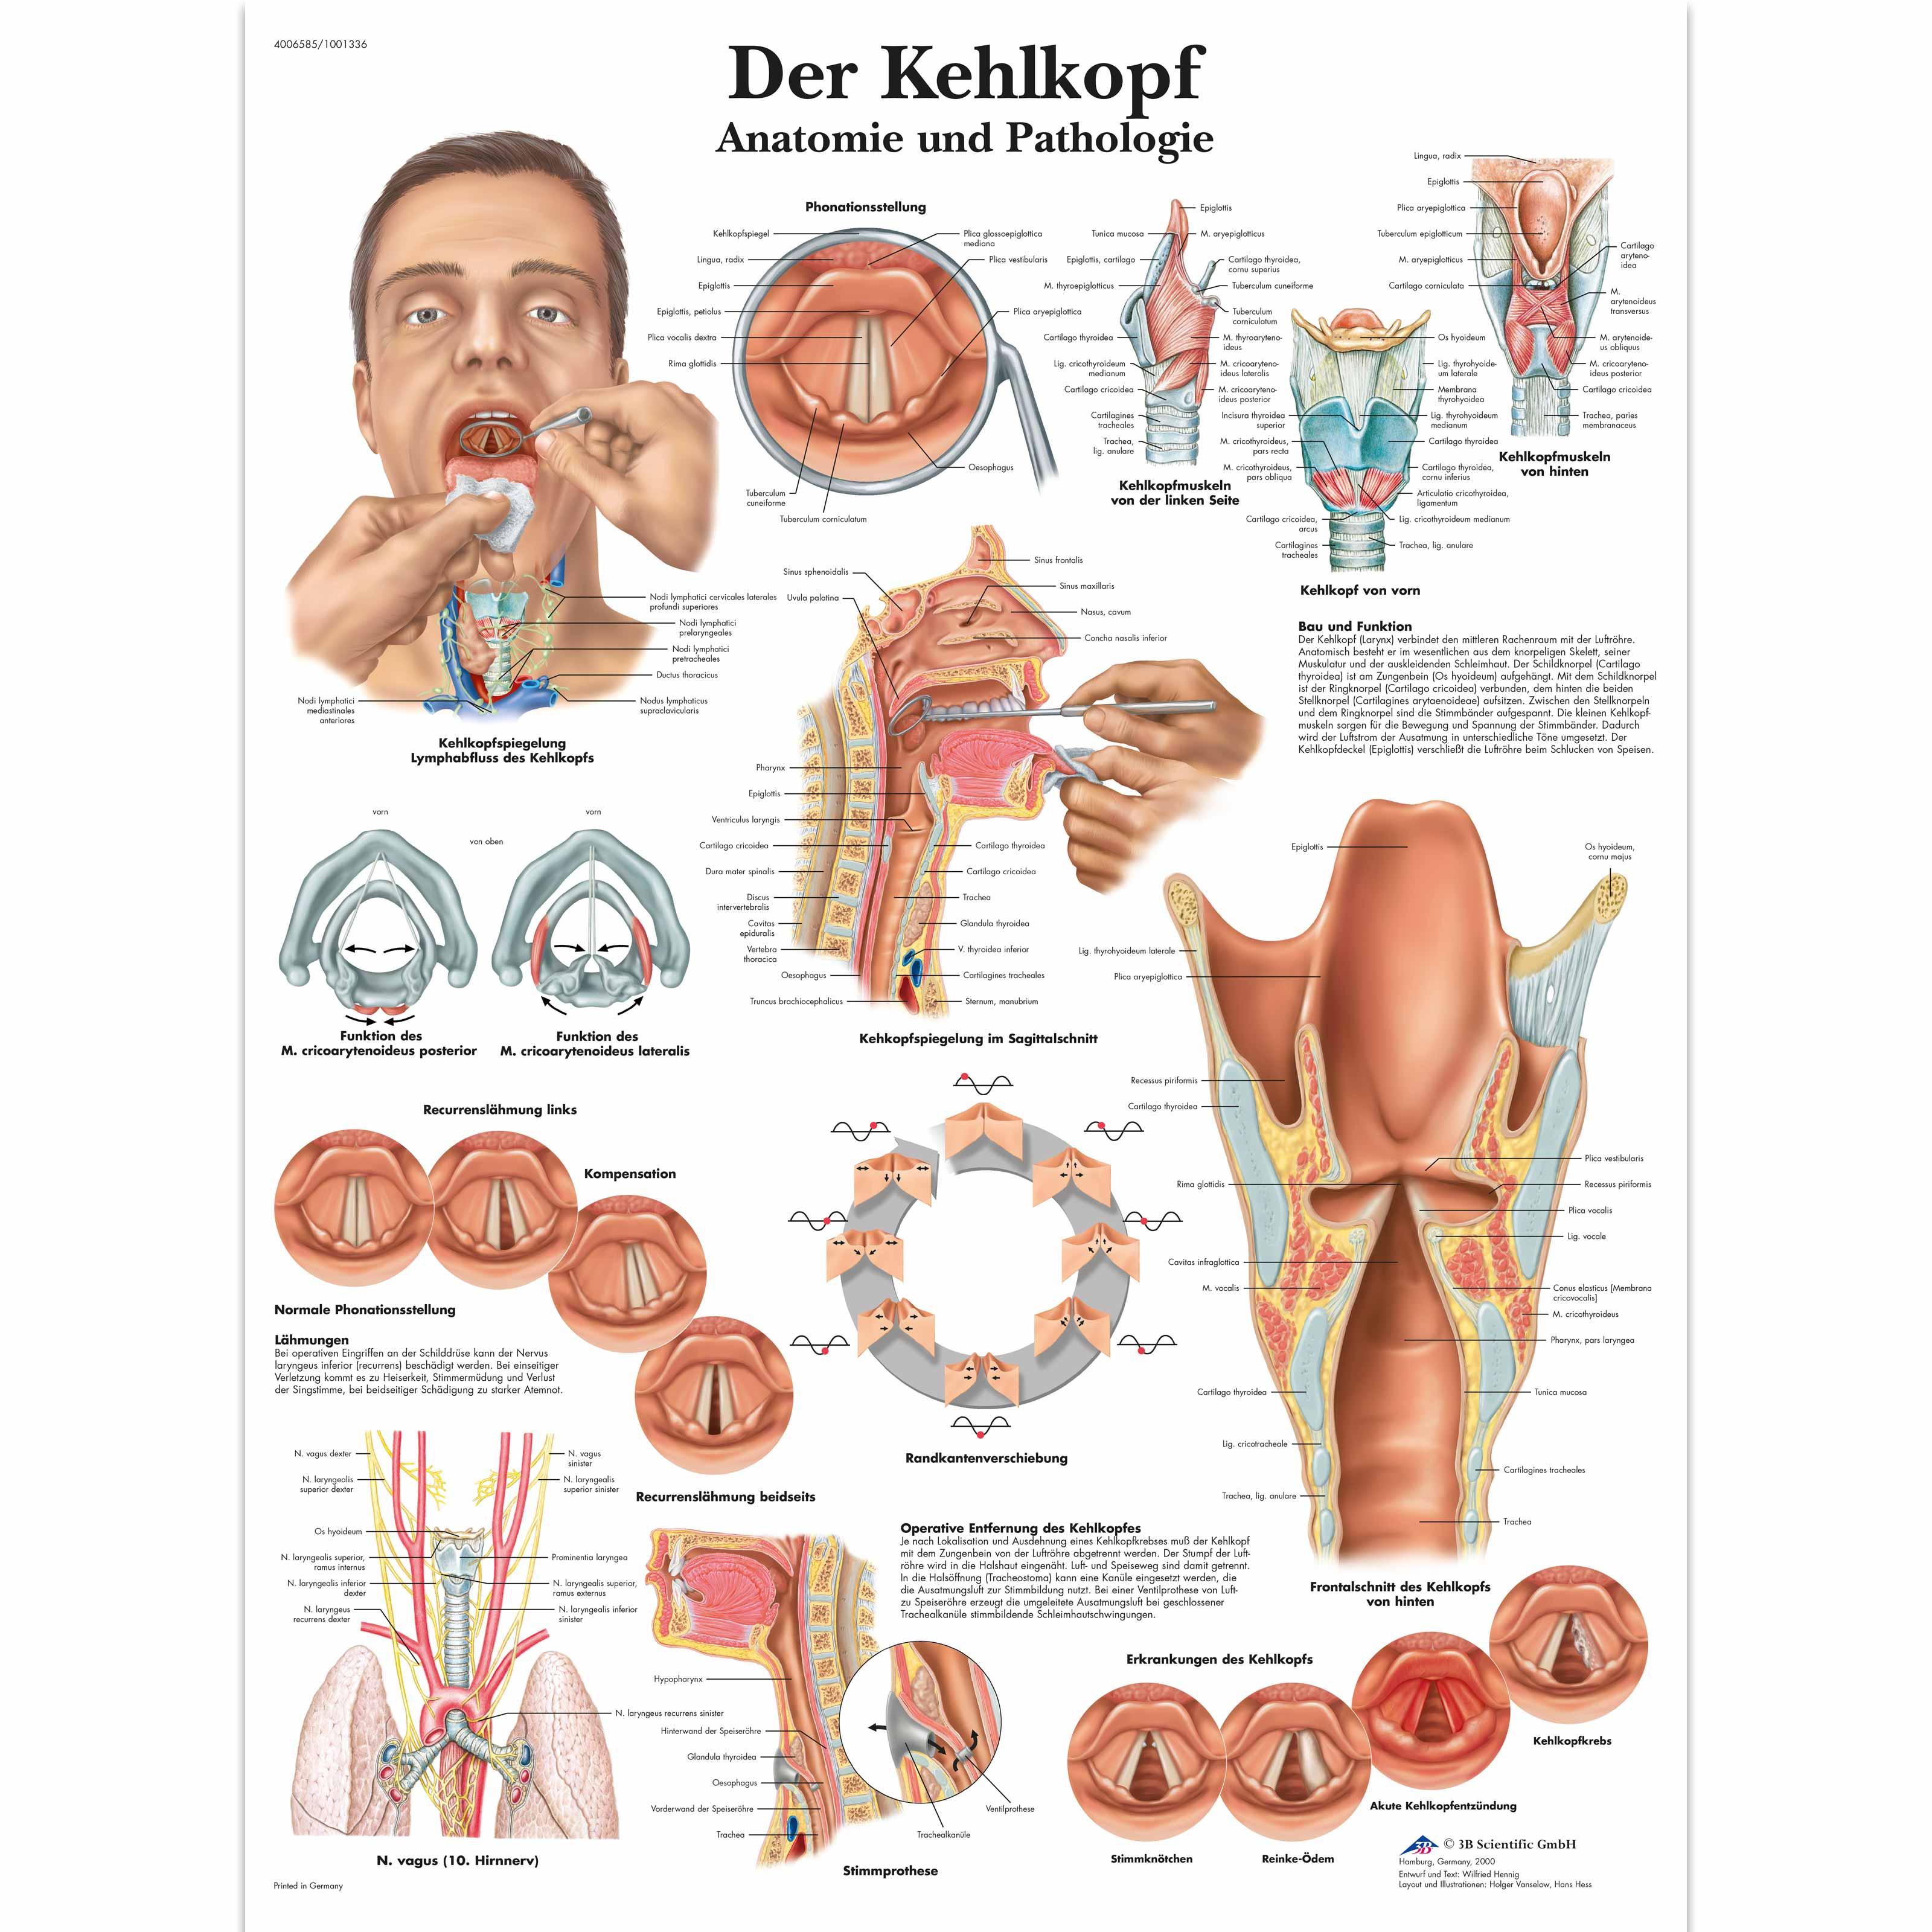 Lehrtafel - Der Kehlkopf - 4006585 - VR0248UU - Sprechorgane - 3B ...